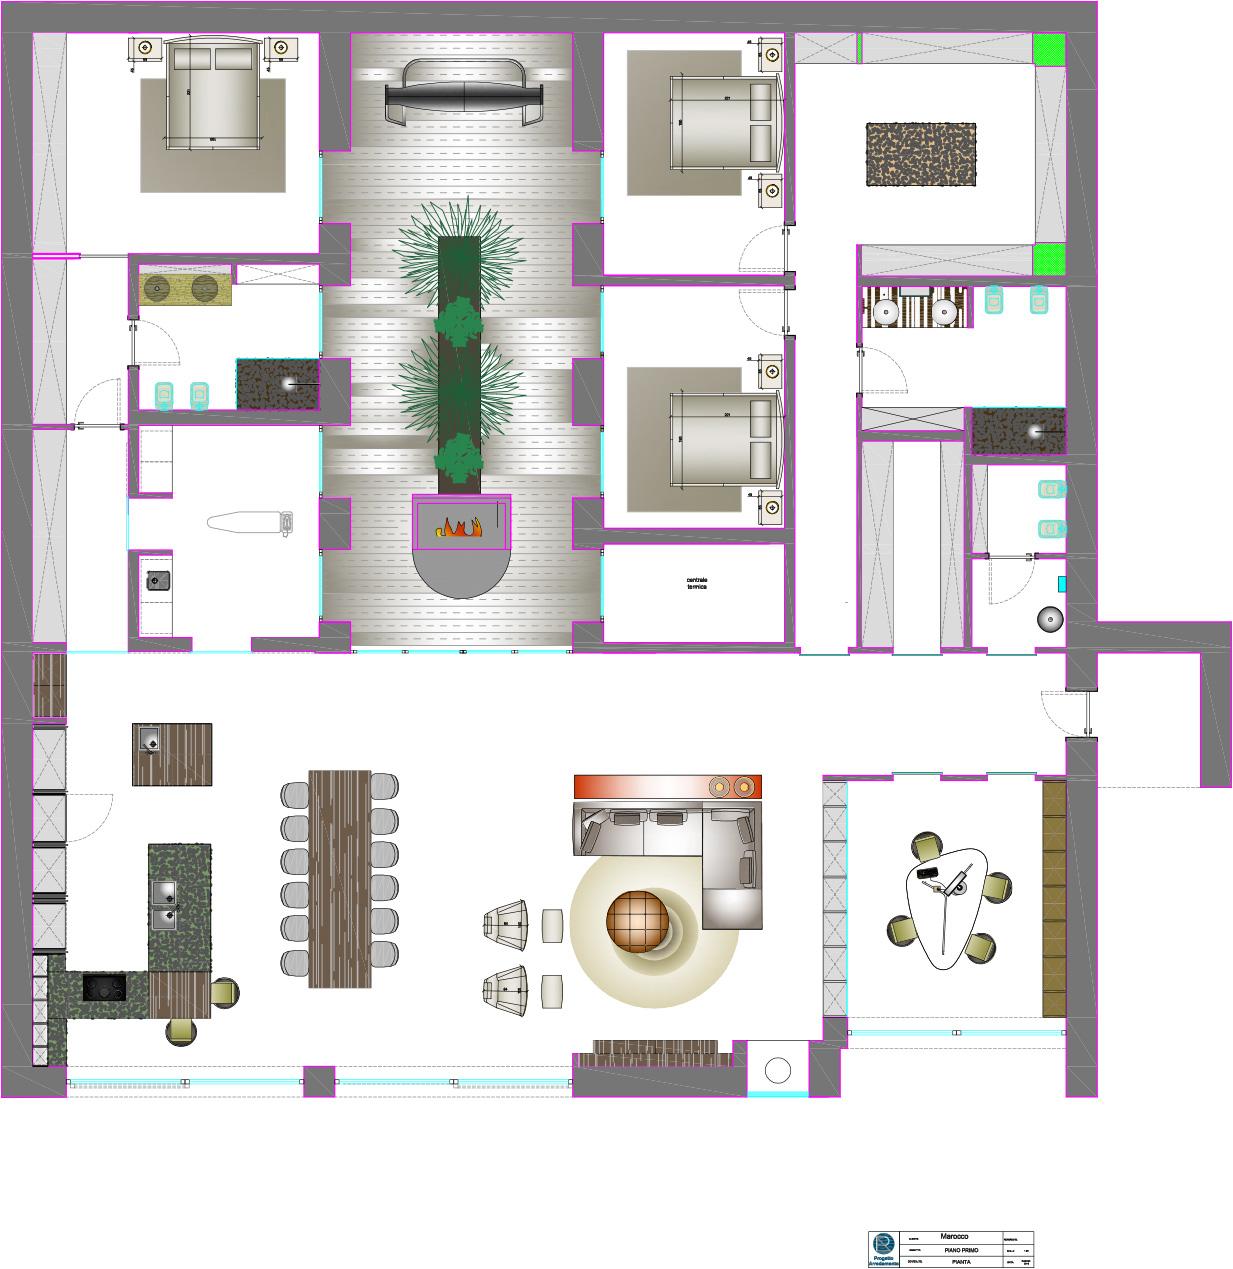 Progetto arredamento casa progetto di spazi e arredamento for Programma per arredare casa